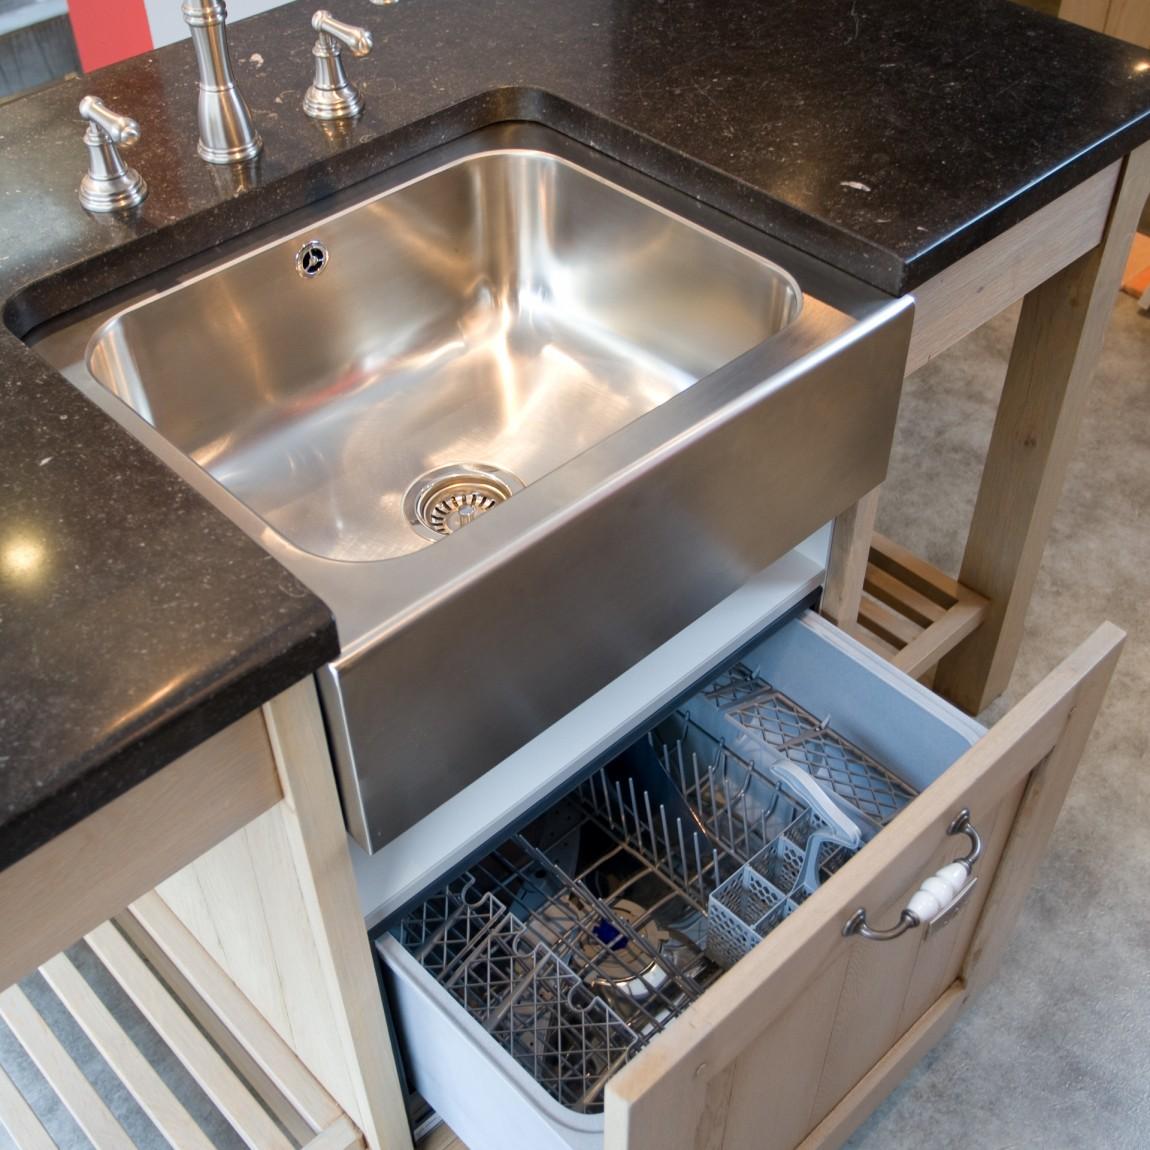 keuken_studio_vaatwasser